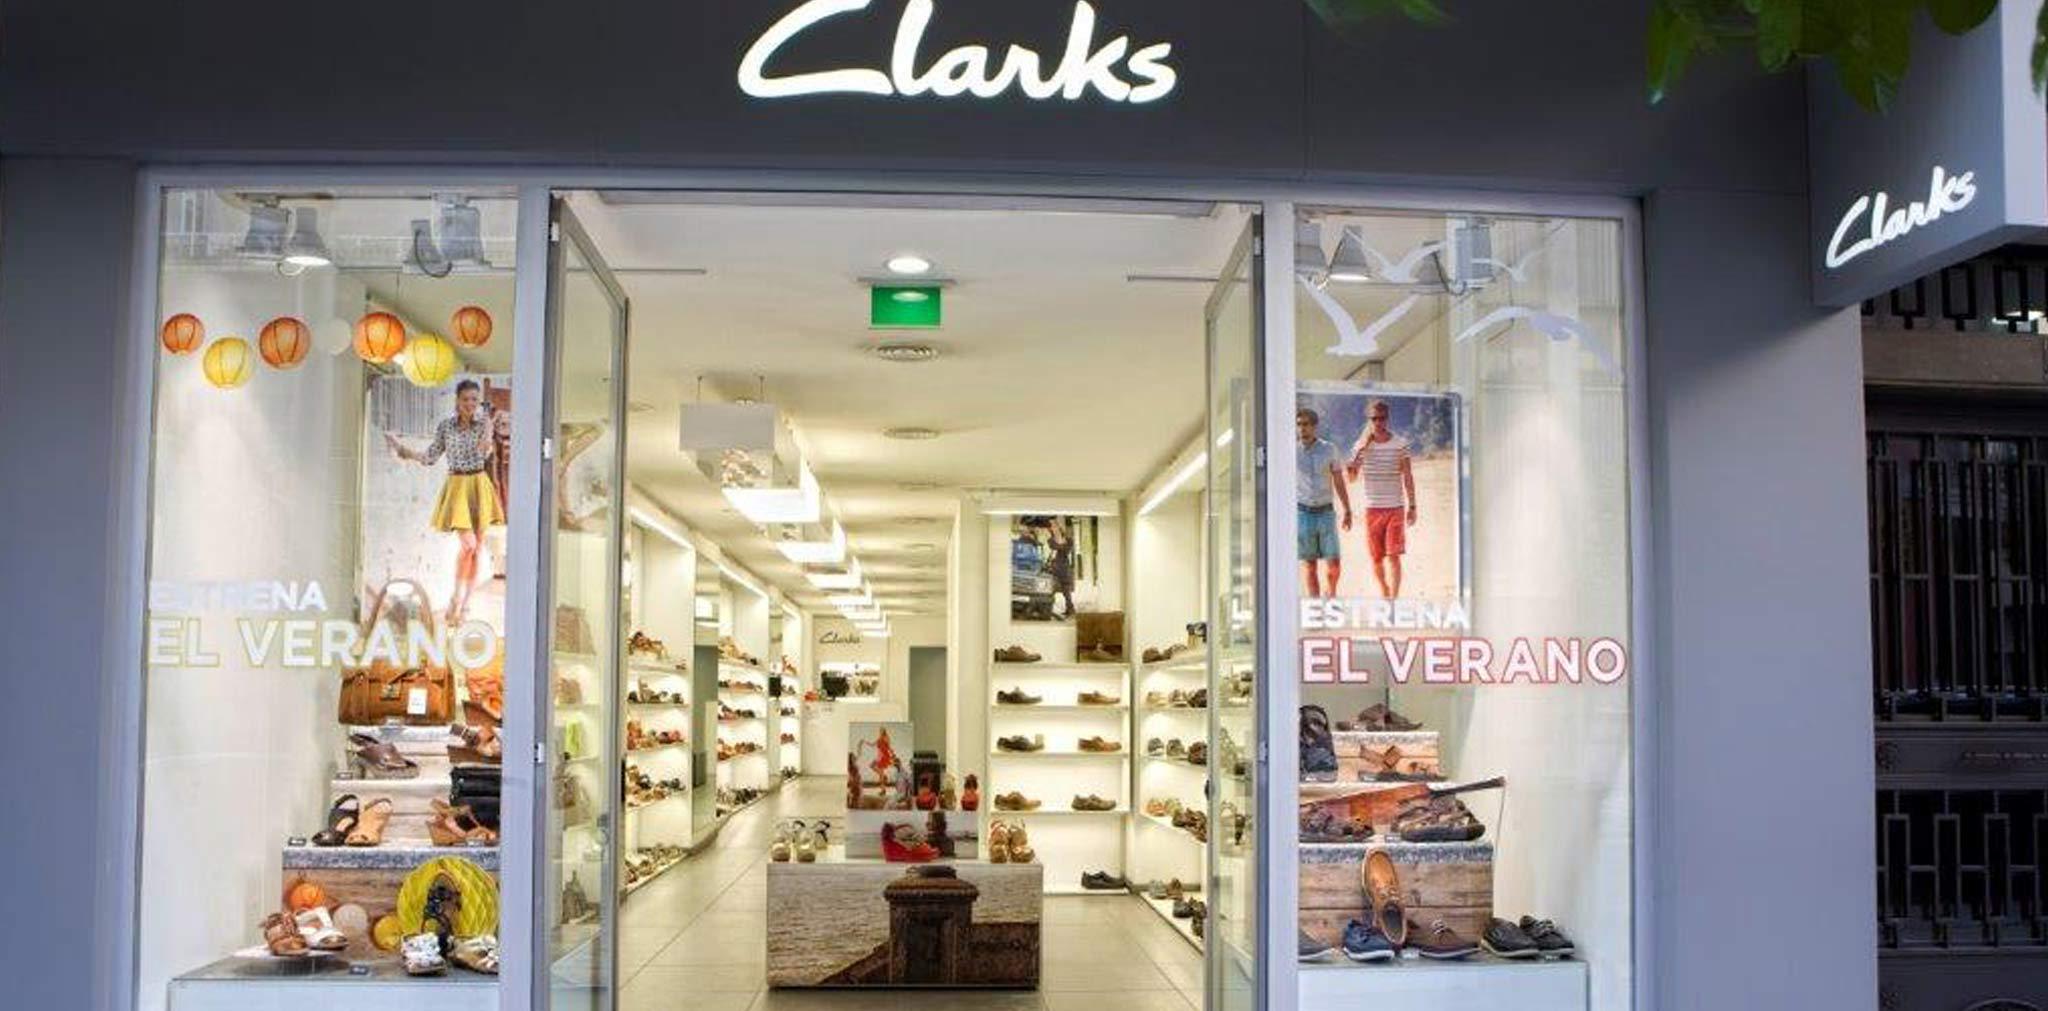 tienda-sierra-clarks-recogidas-6465 Nuestras Tiendas